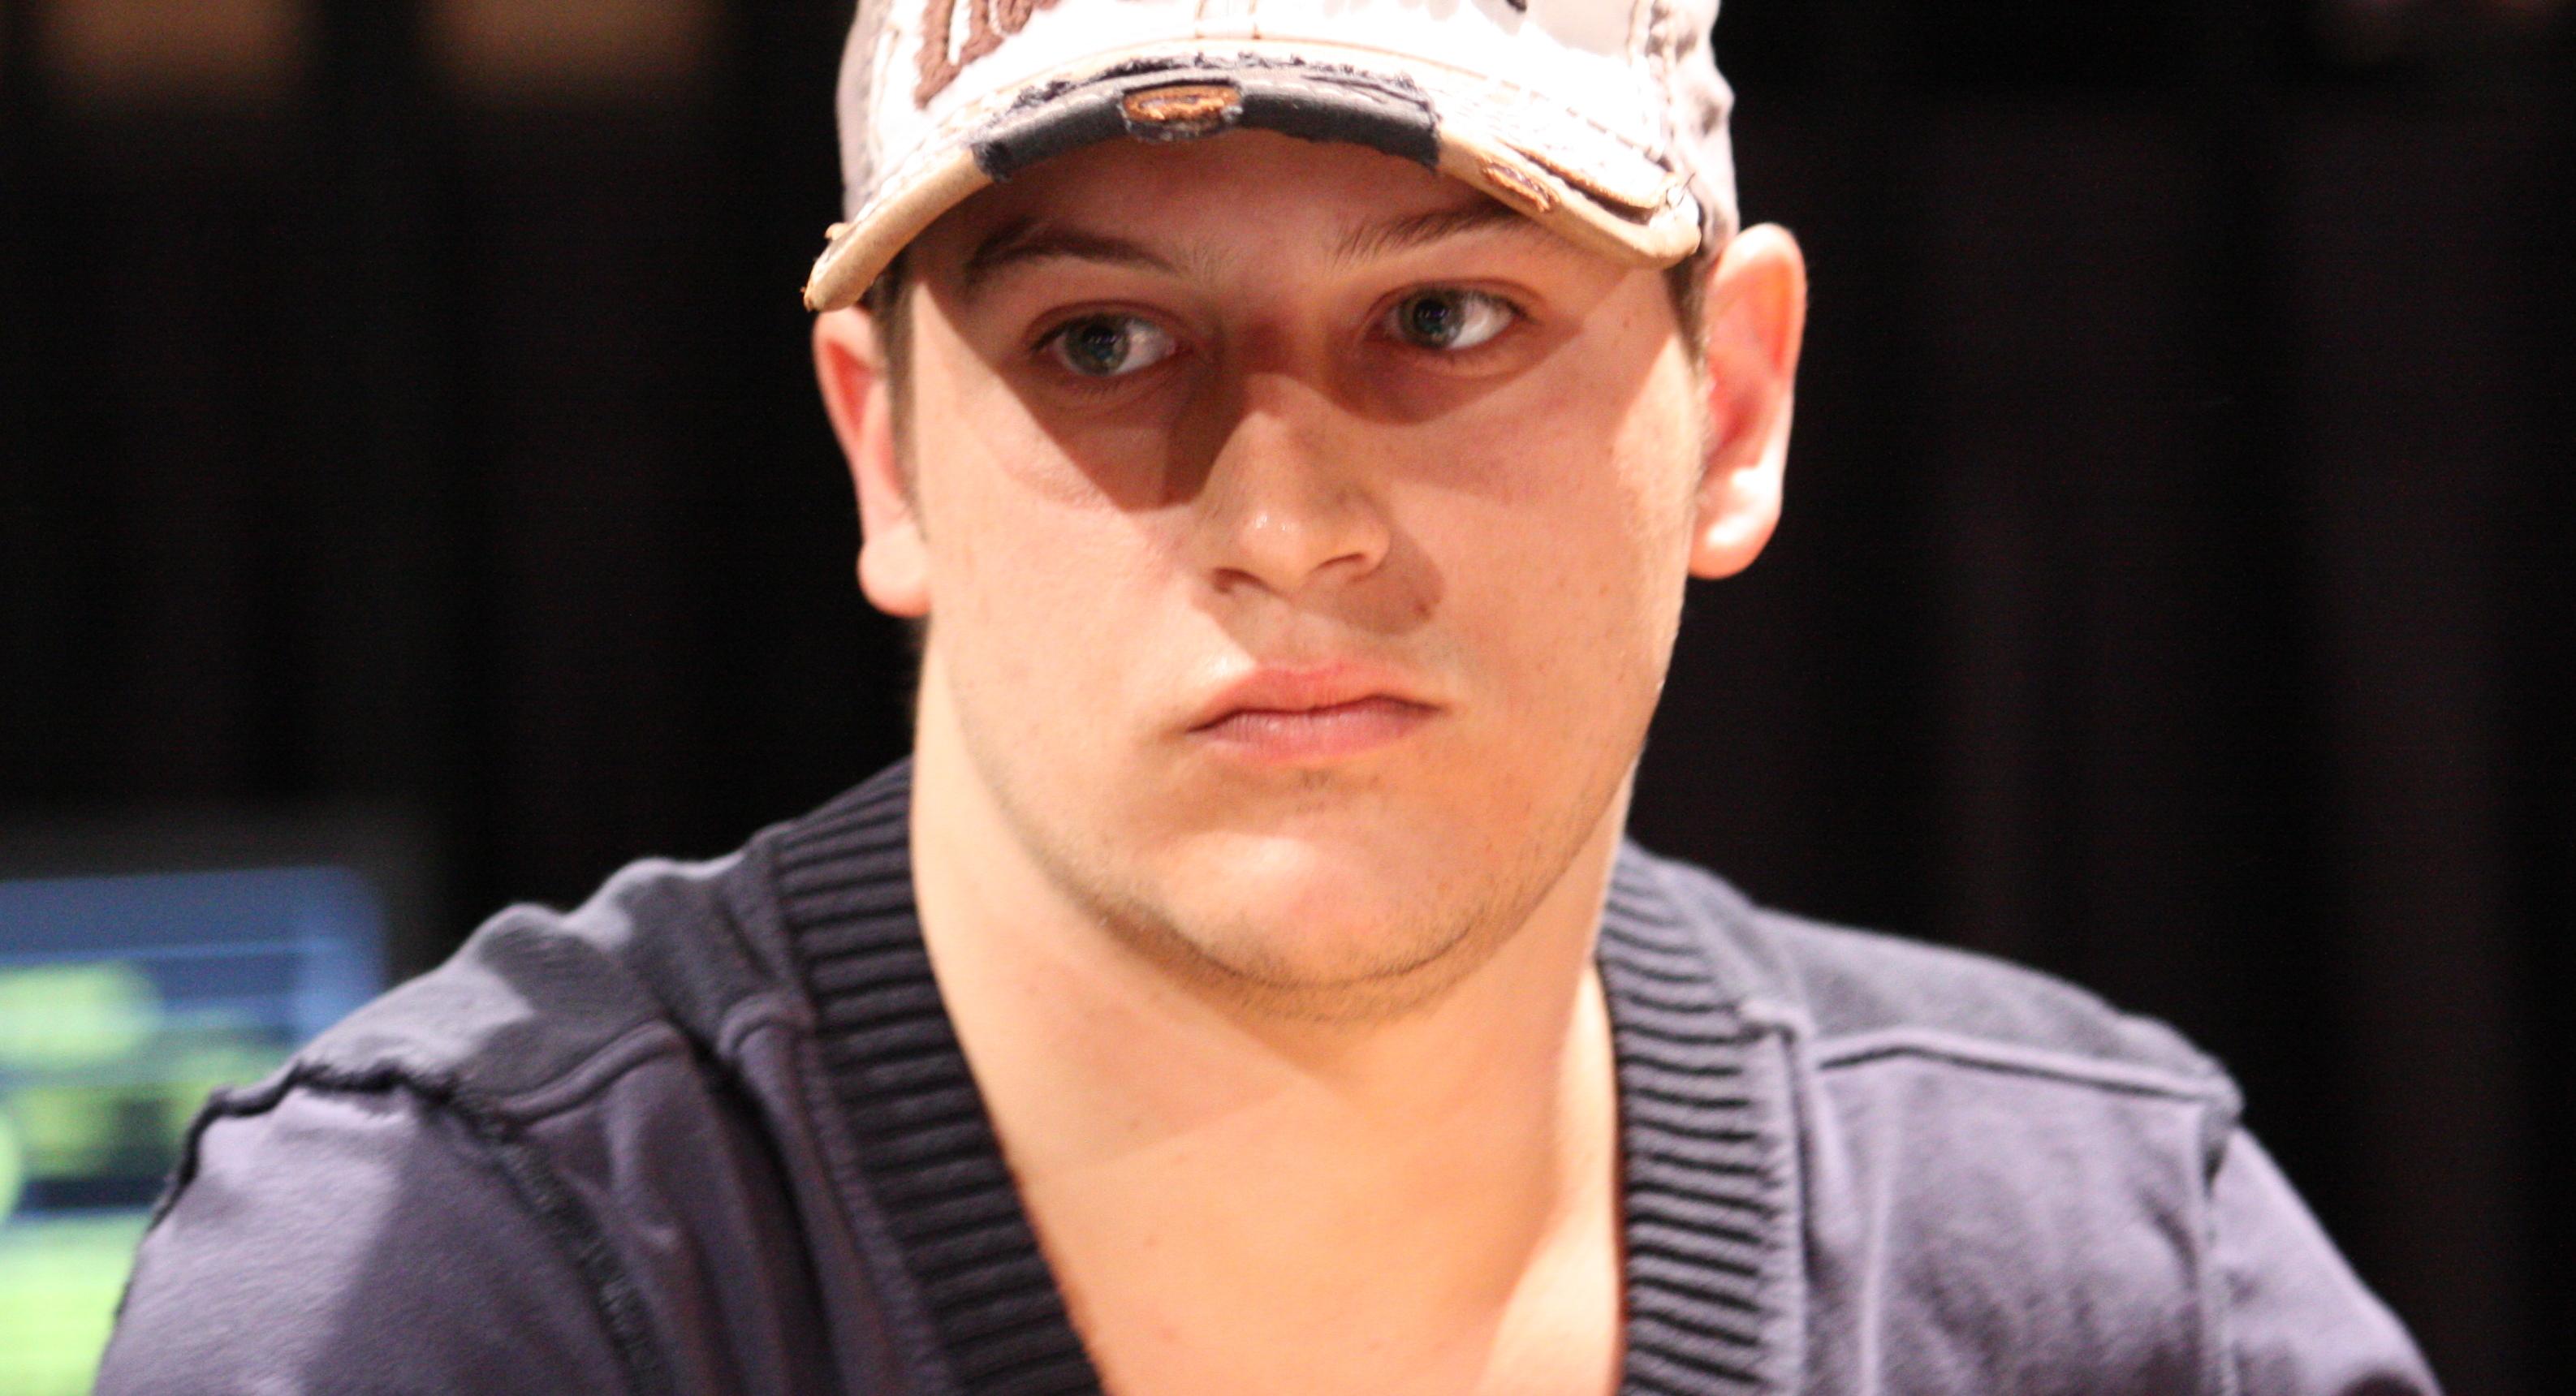 Giocatore di Poker Matt Marafioti scompare nel nulla, giallo sulla sua sorte